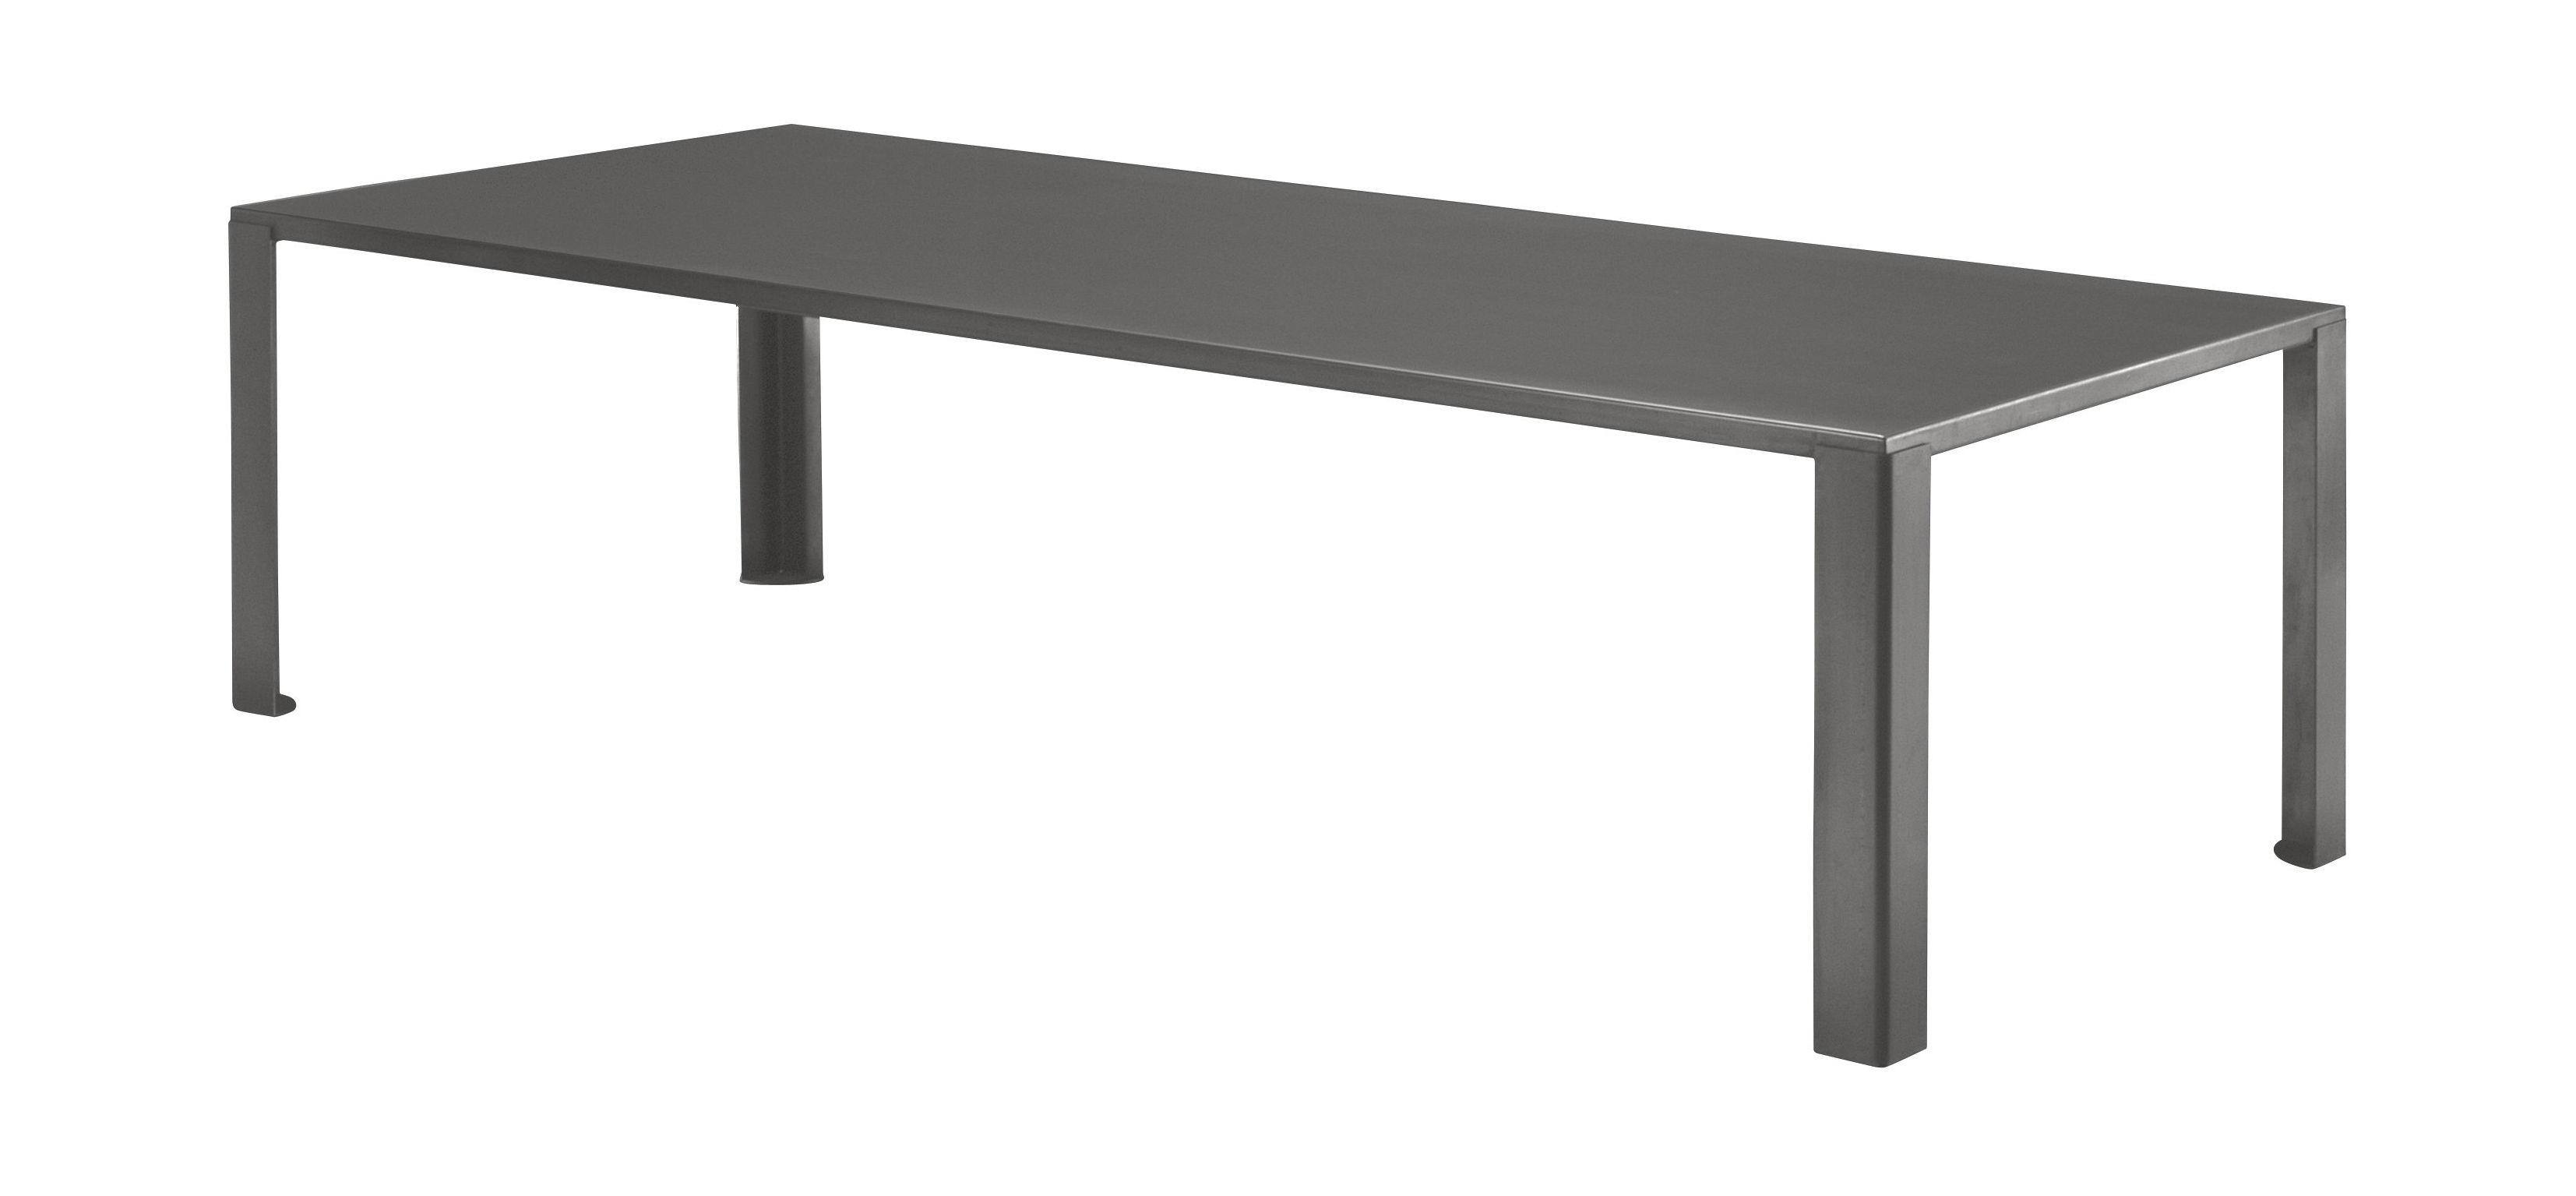 Outdoor - Tische - Big Irony Outdoor rechteckiger Tisch / L 200 cm - für den Außeneinsatz - Zeus - Warmes Grau - Acier zingué avec peinture époxy